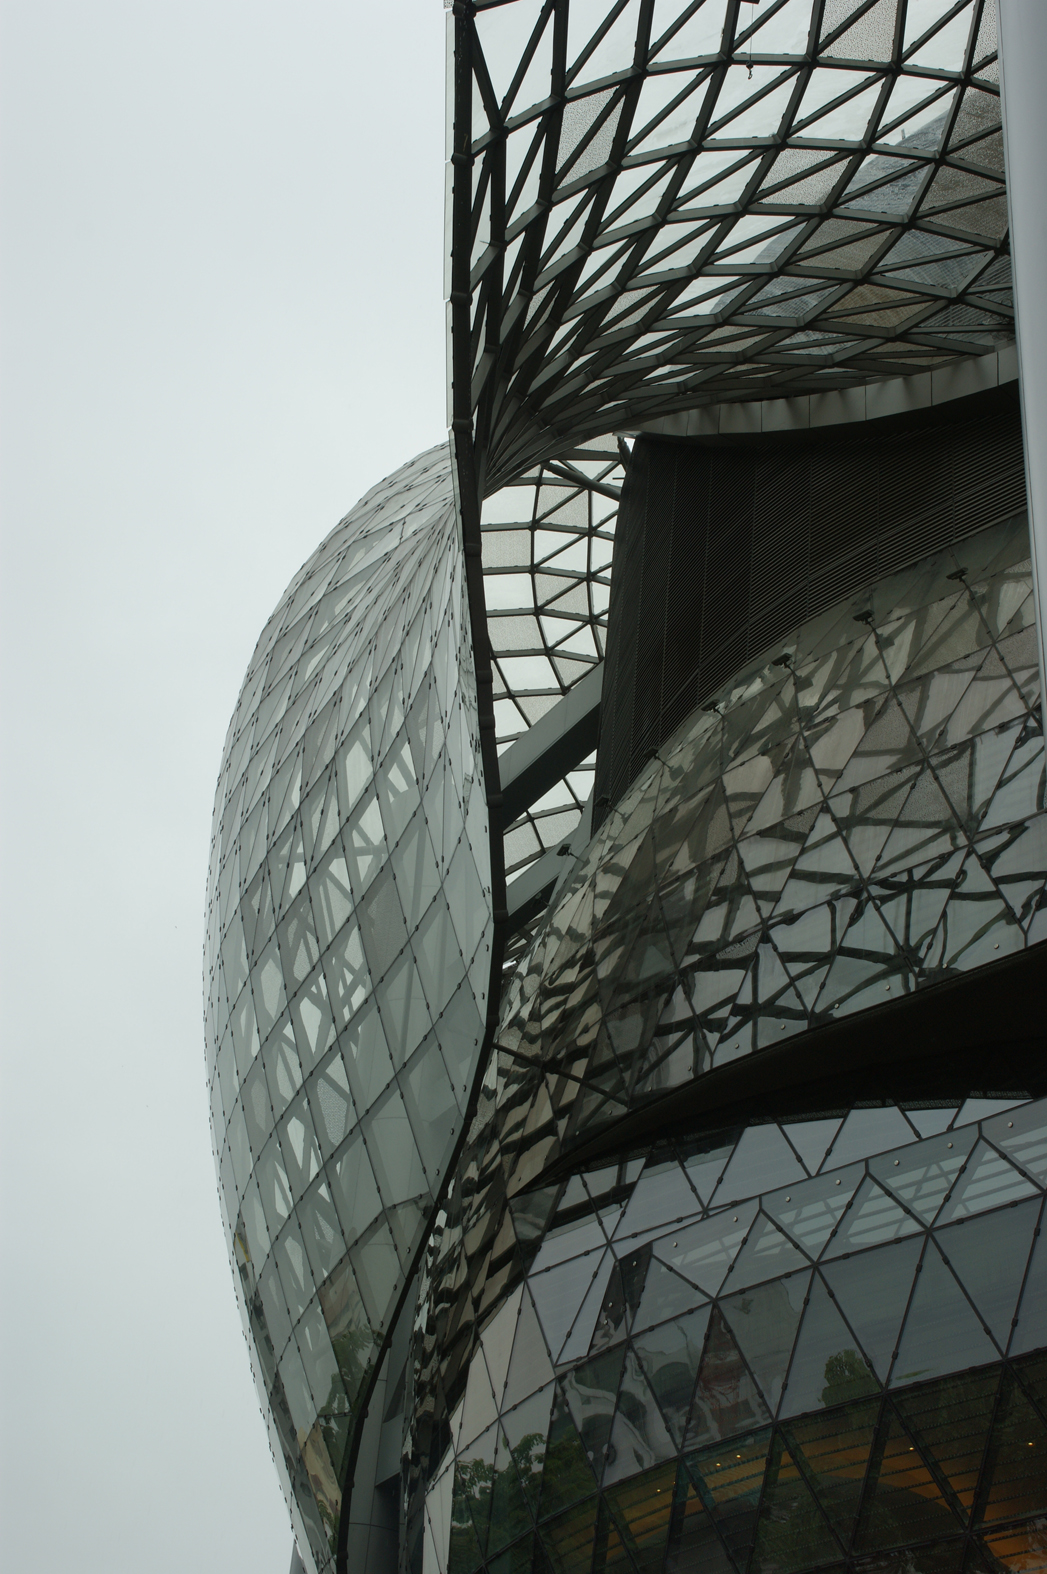 La piel en arquitectura loos for Arquitectura definicion